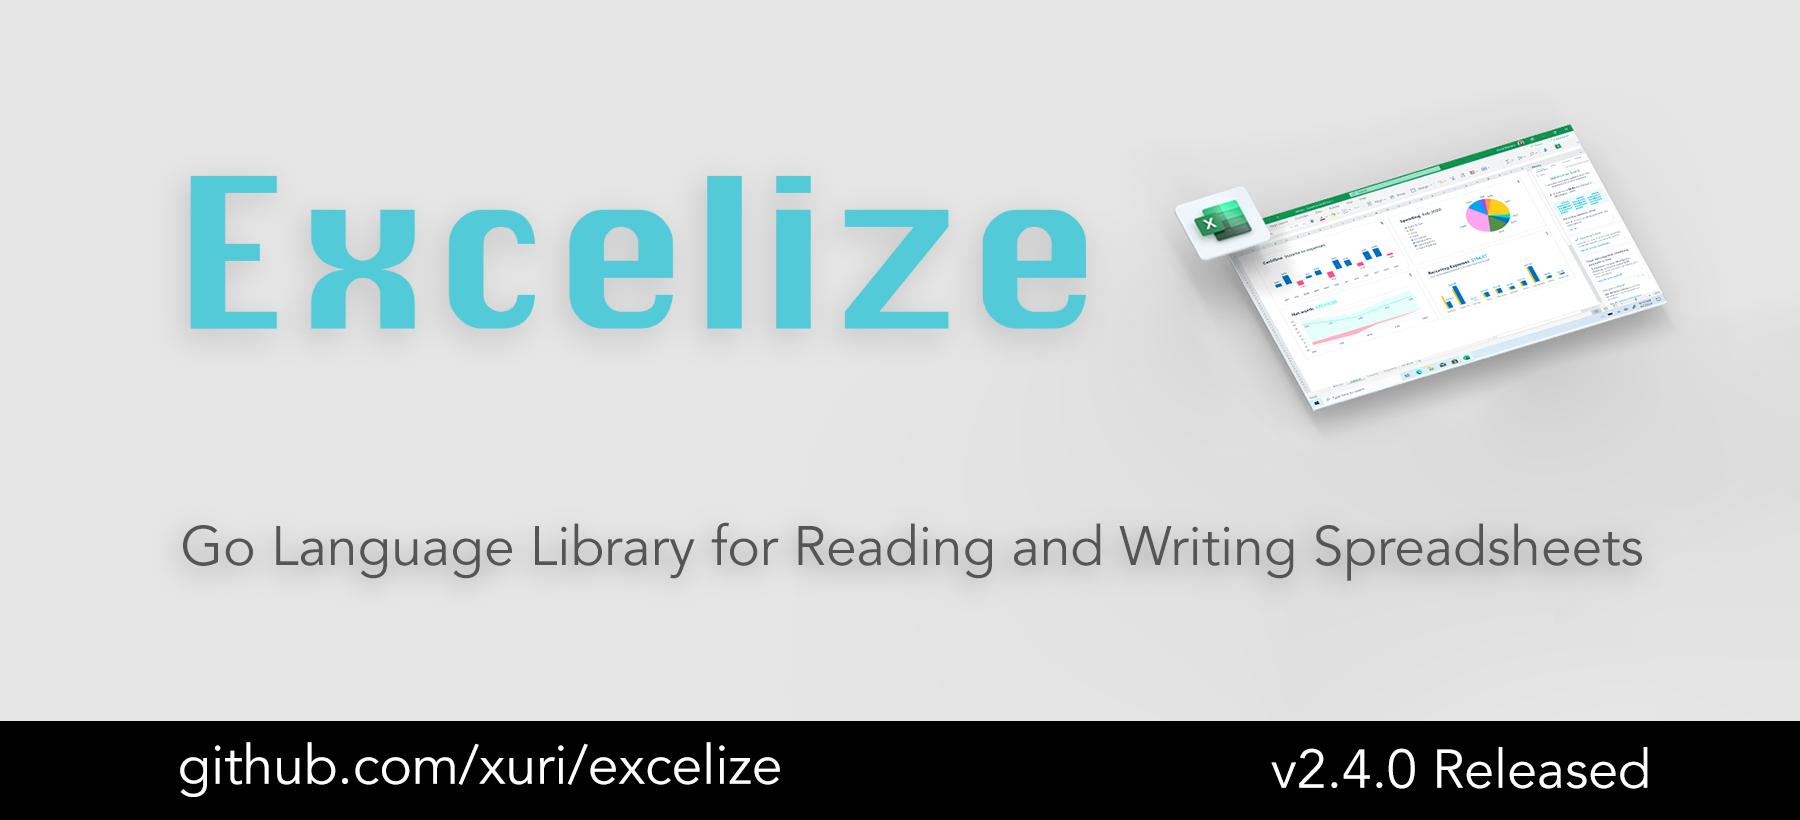 Go 言語スプレッドシートライブラリ:Excelize 2.4.0 がリリースされました